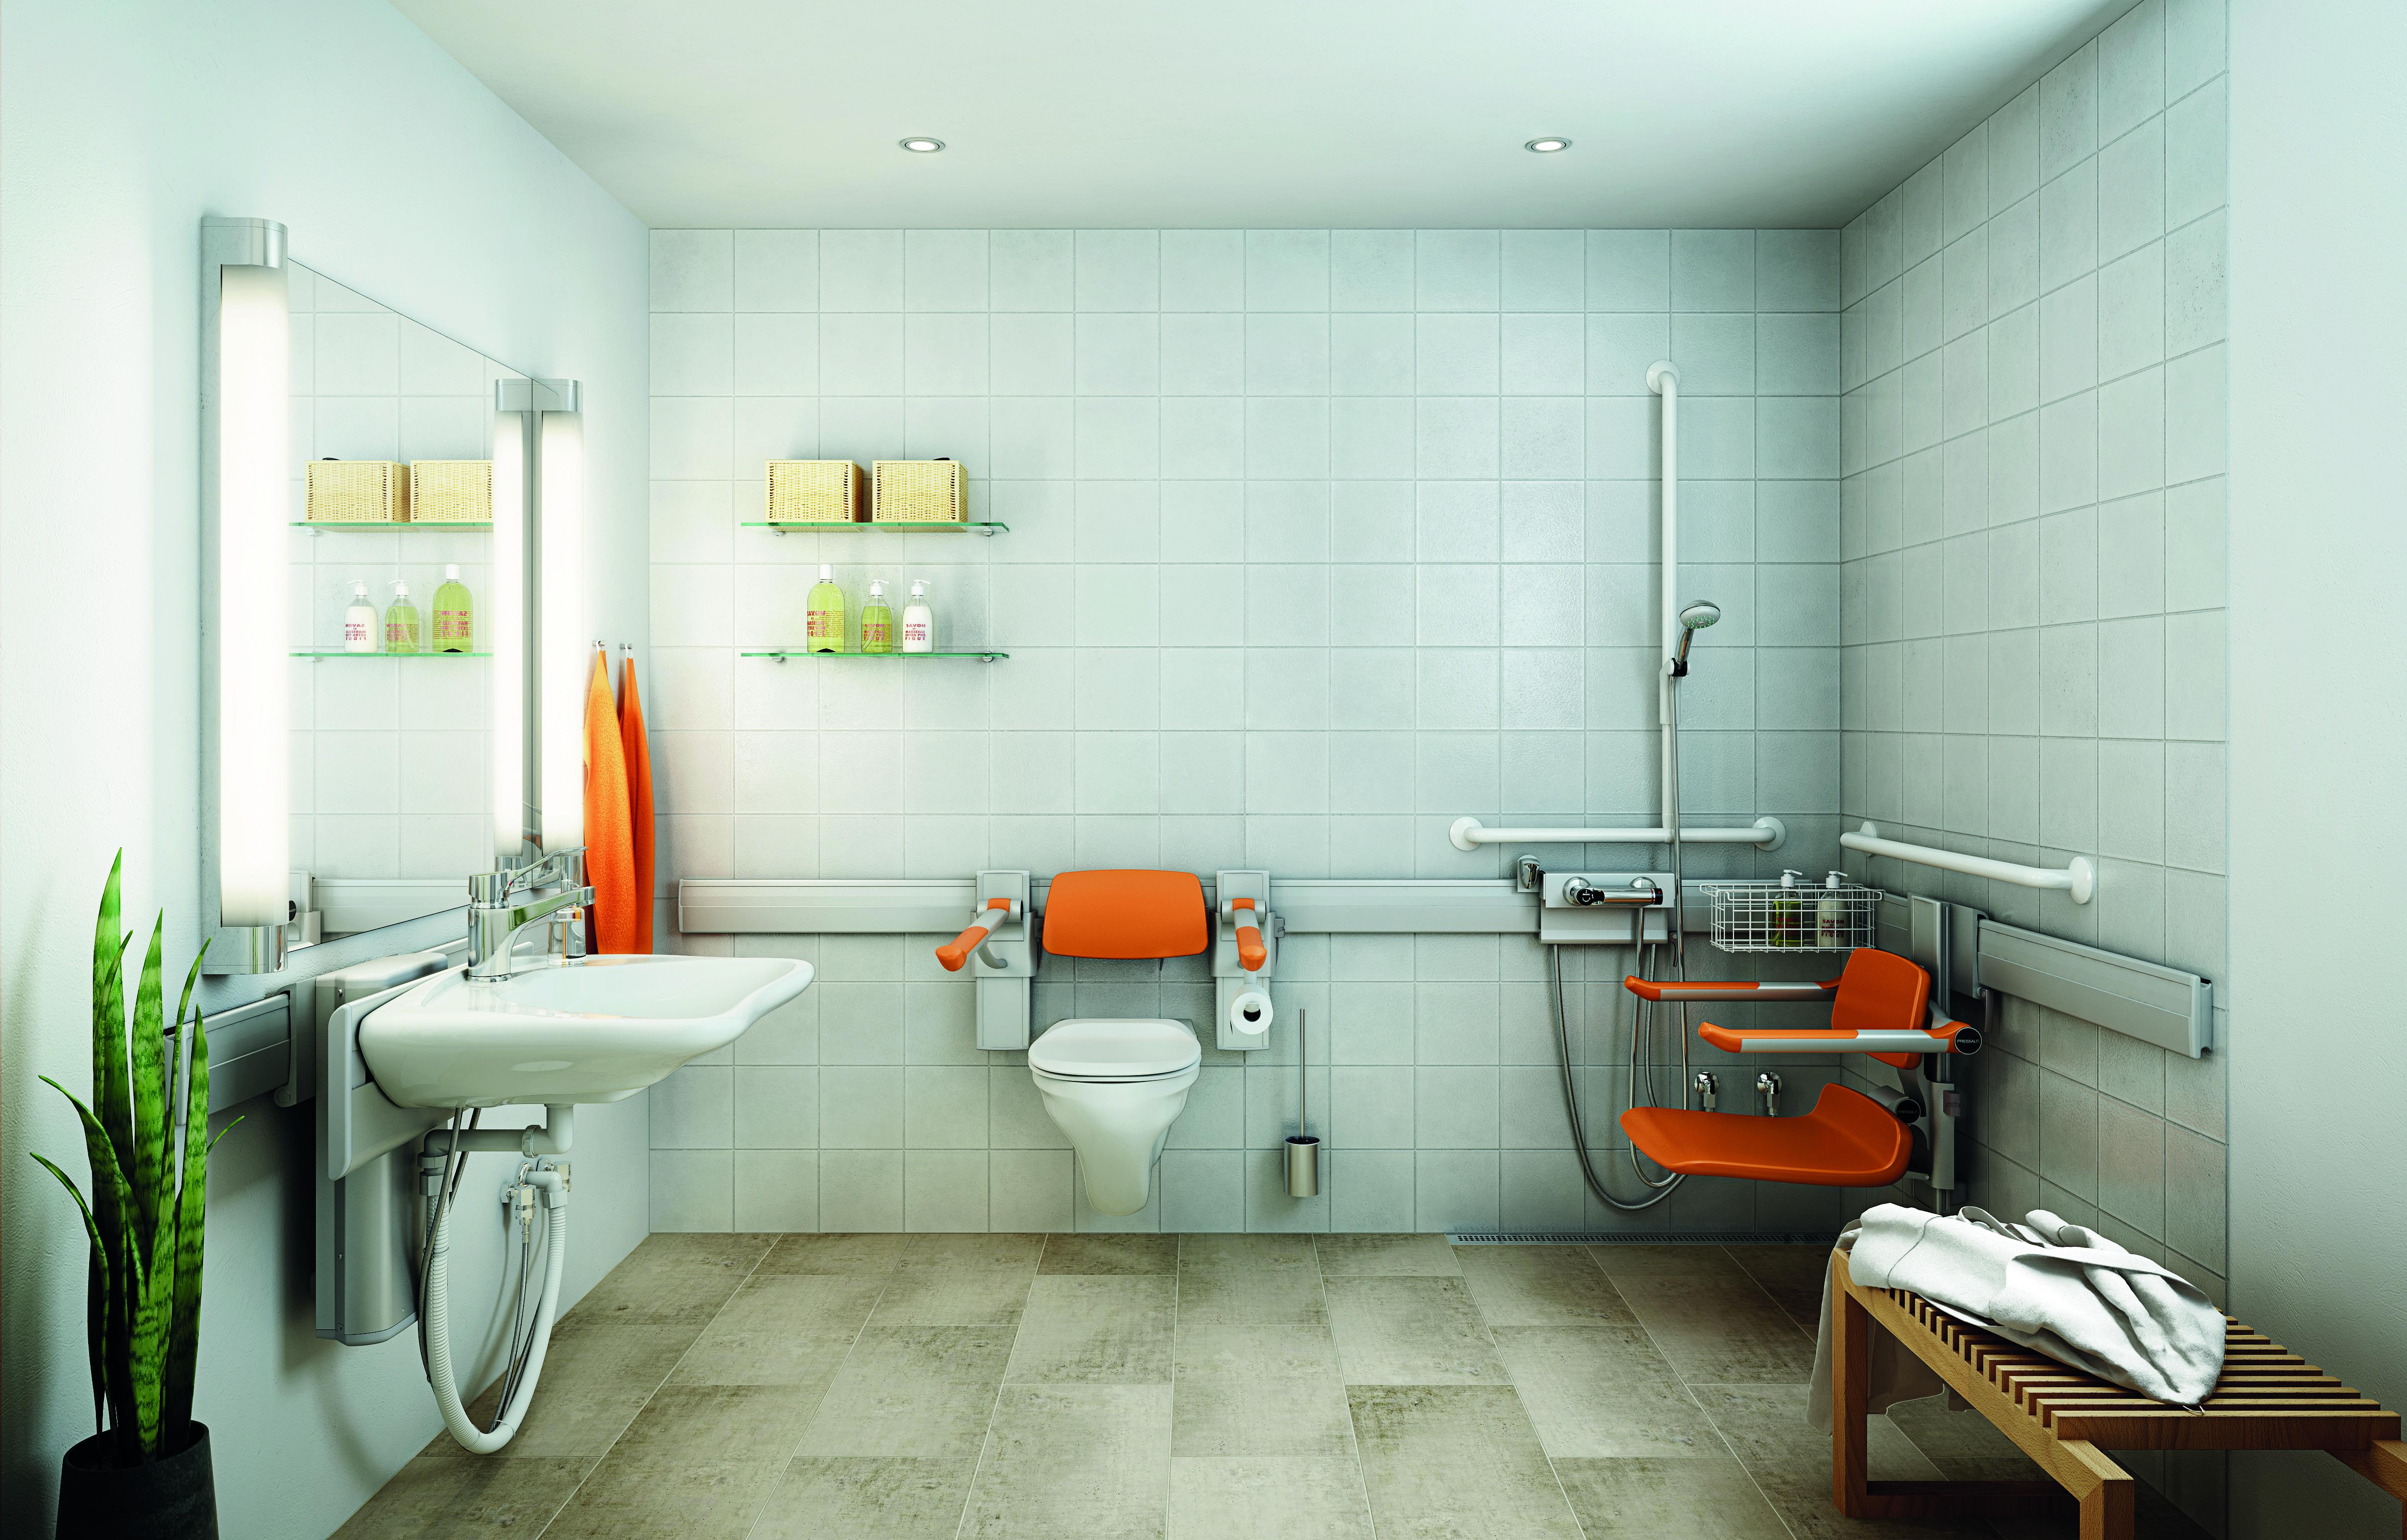 Le 19 Novembre : Journée Mondiale des Toilettes